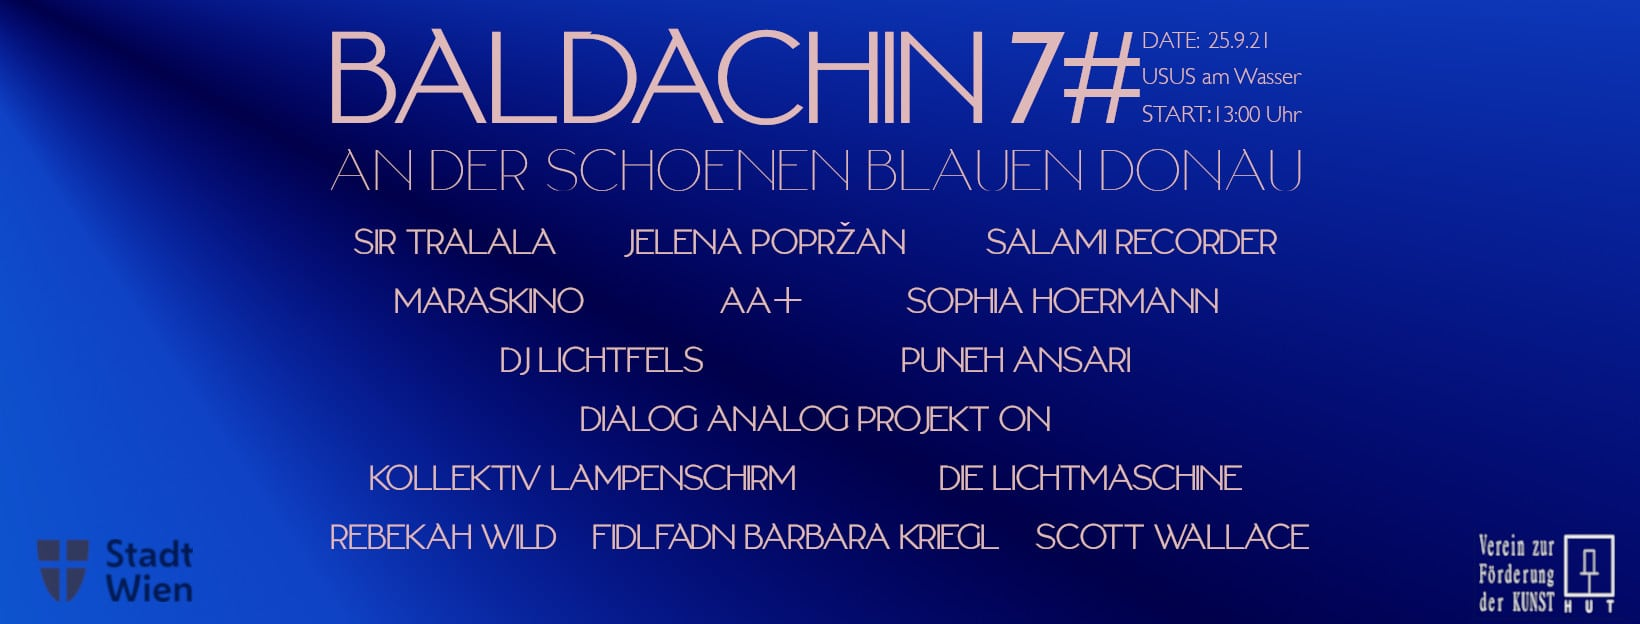 Events Wien: Baldachin 7# An der schönen blauen Donau